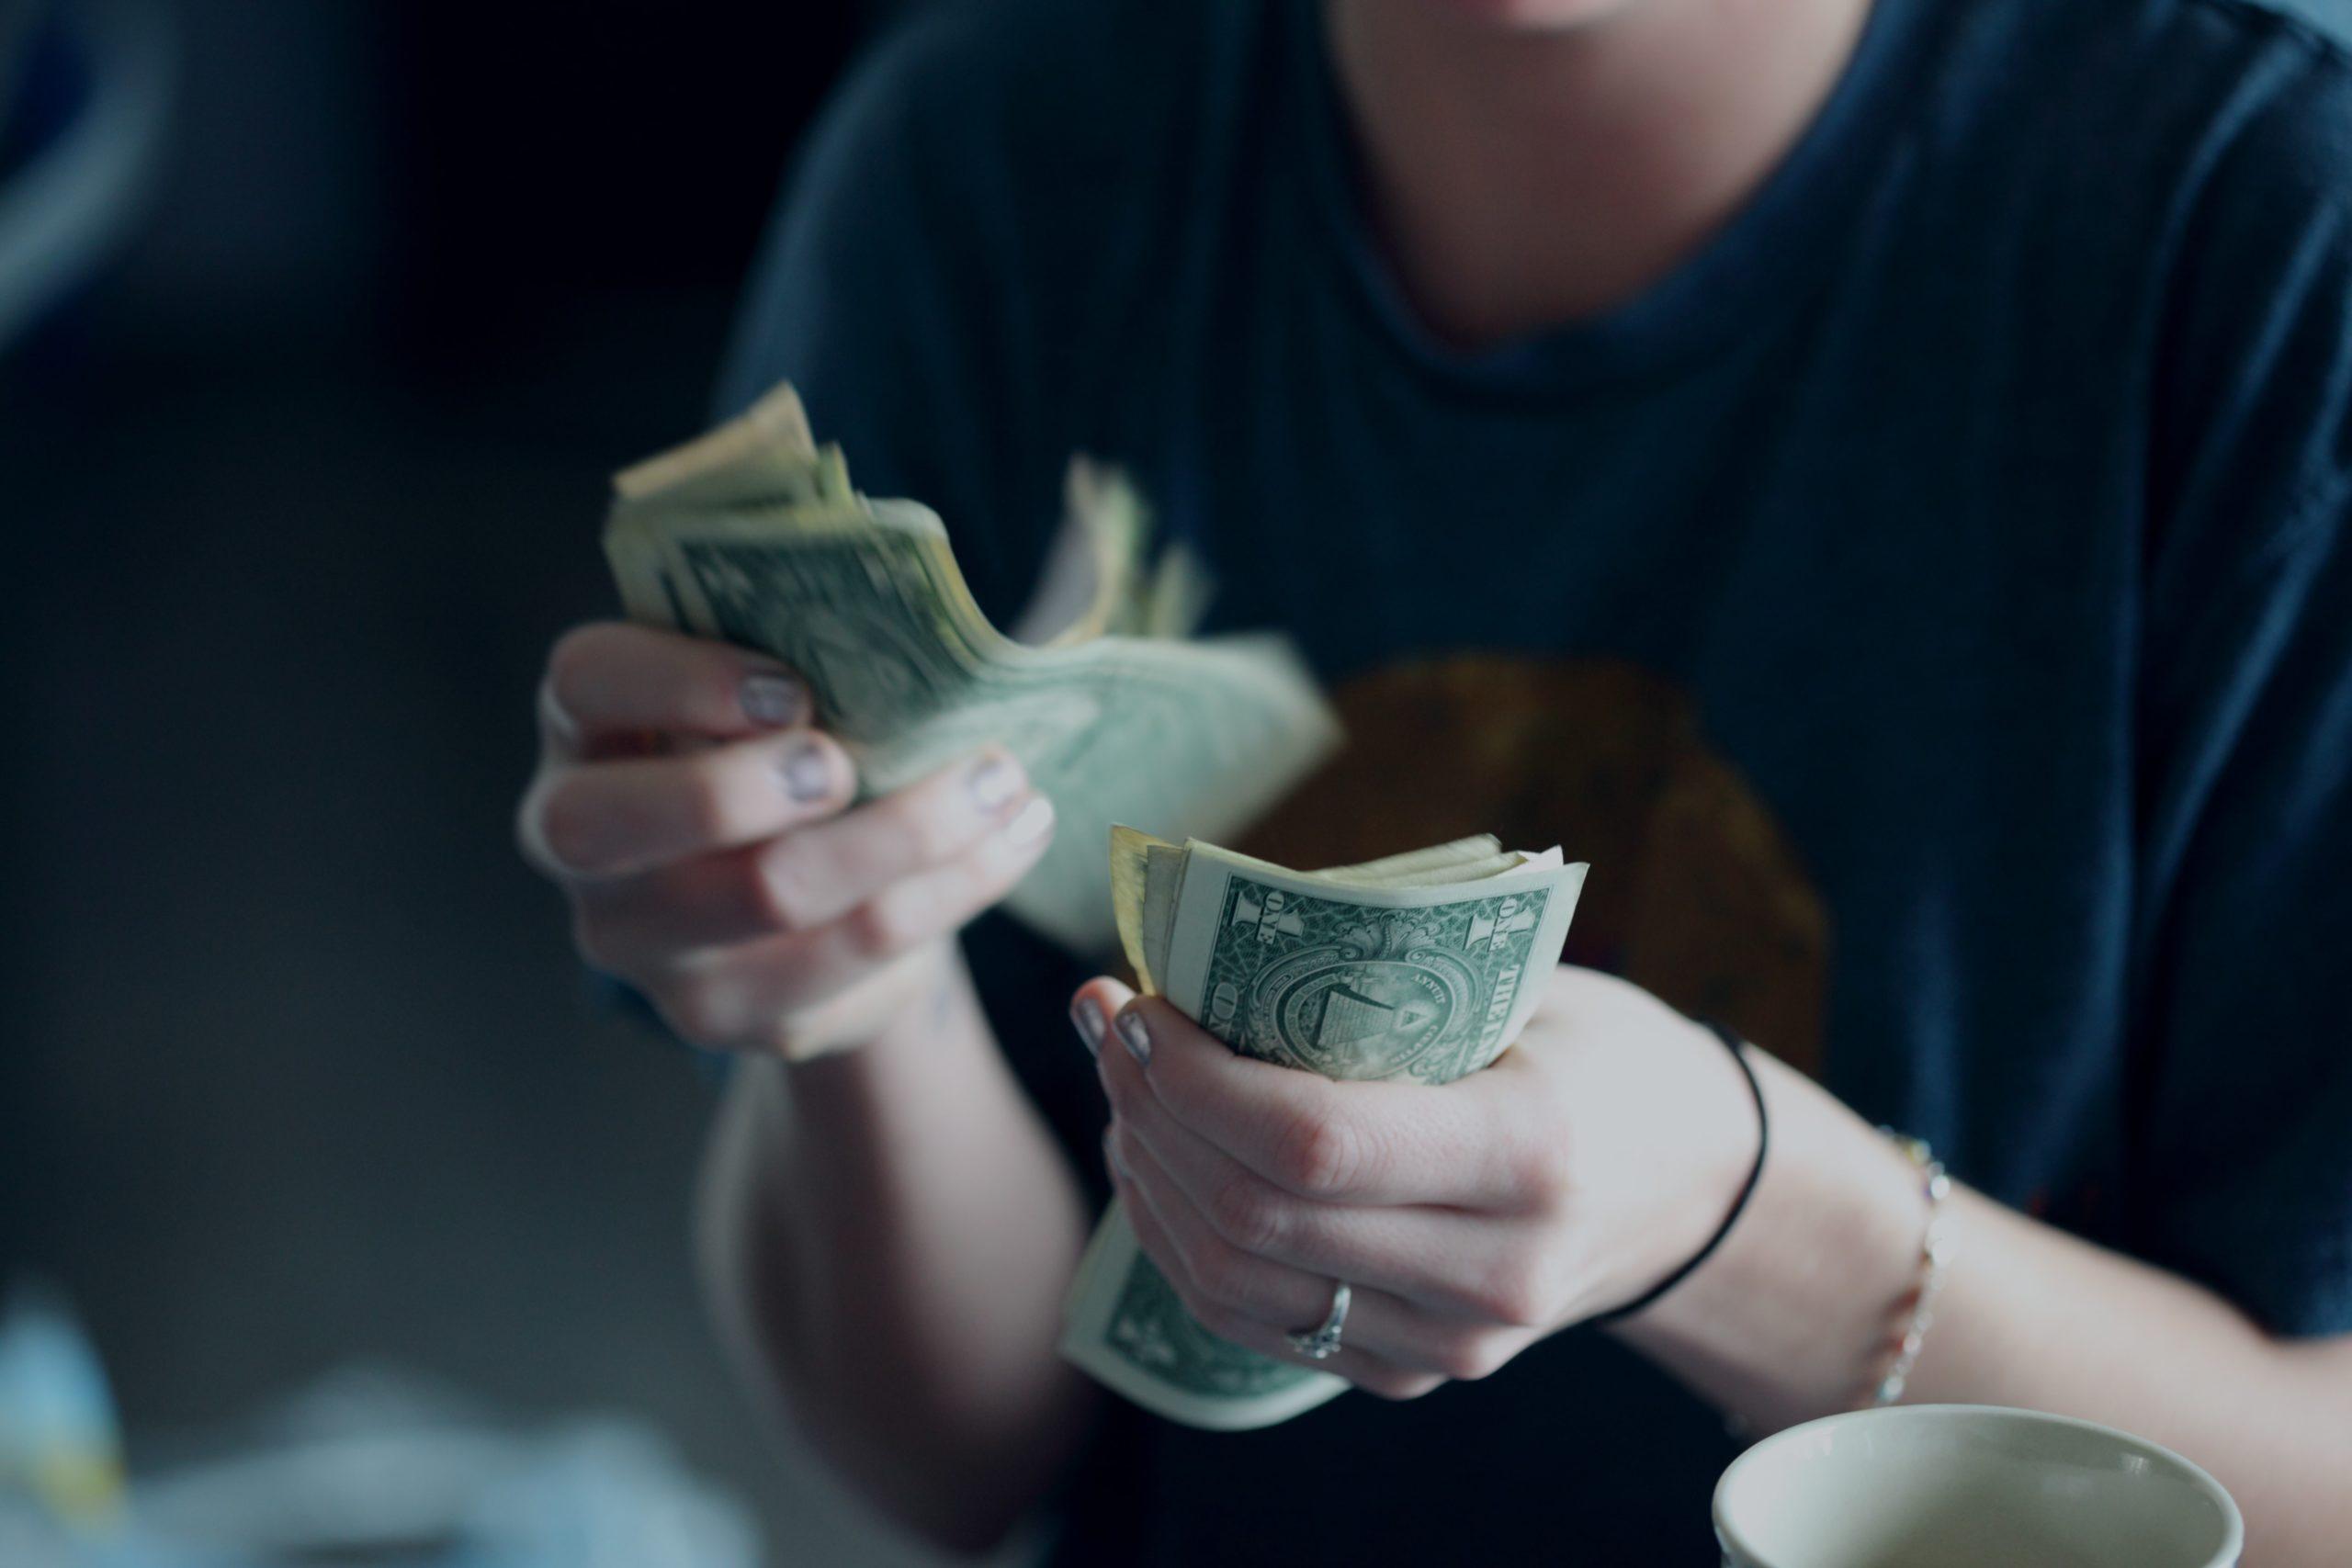 So gelingt die Kreditaufnahme ohne Probleme